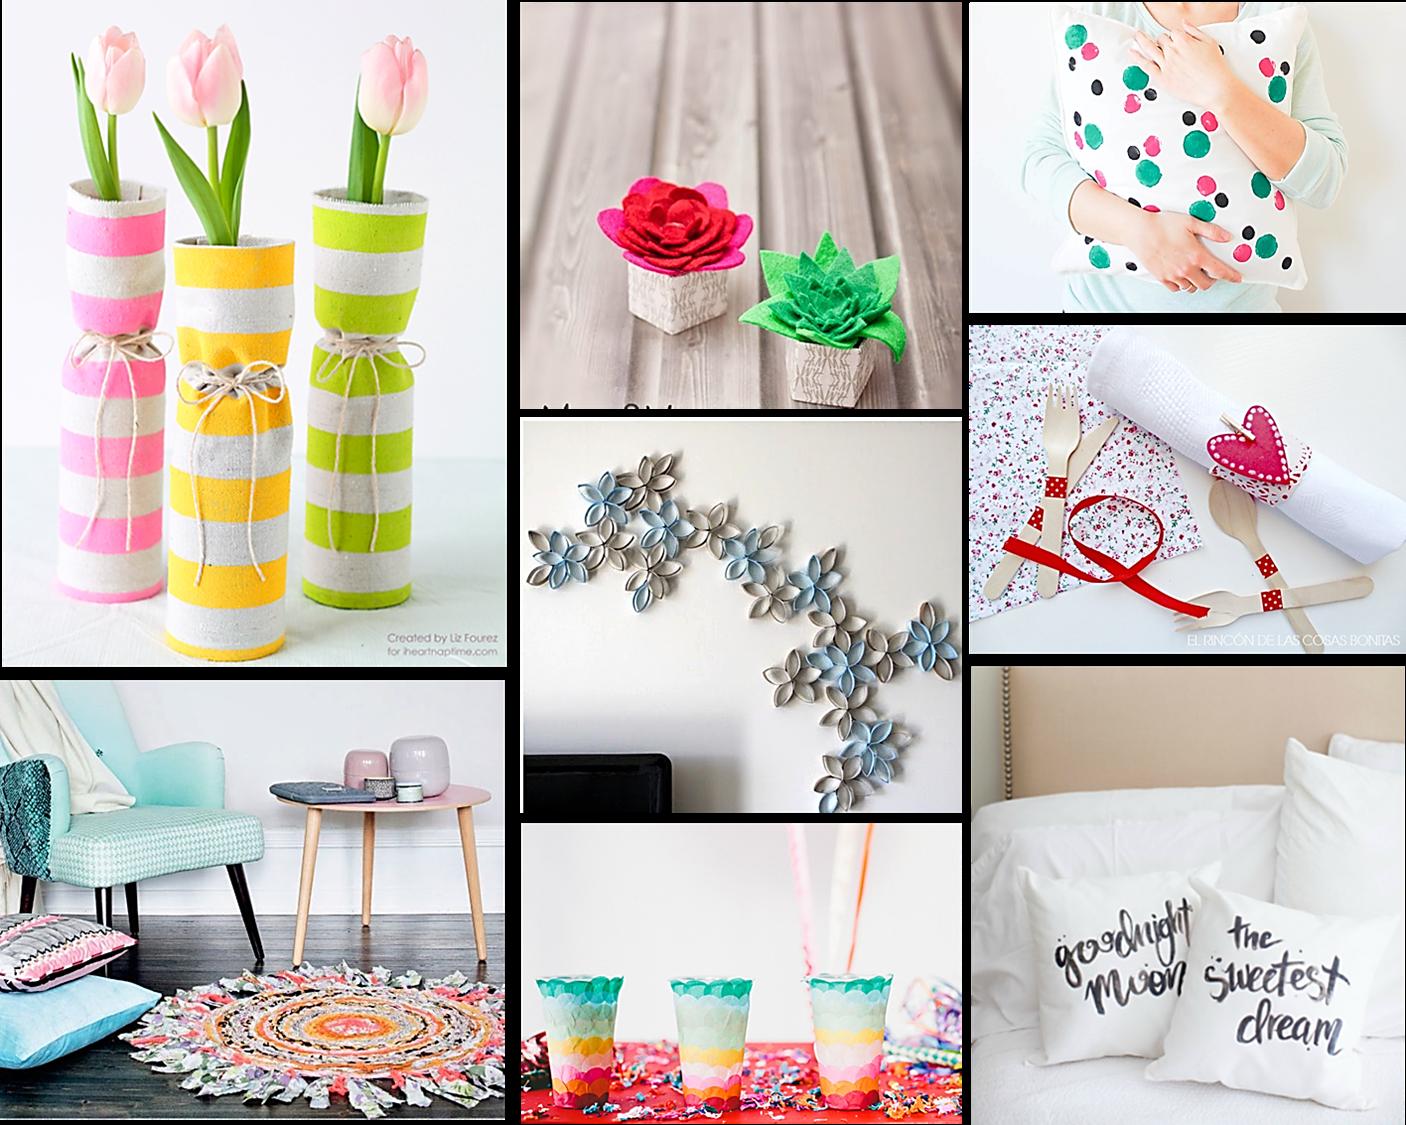 Ideas para decorar habitacion ni o de 3 a os for Ideas para decorar habitacion nino de 3 anos